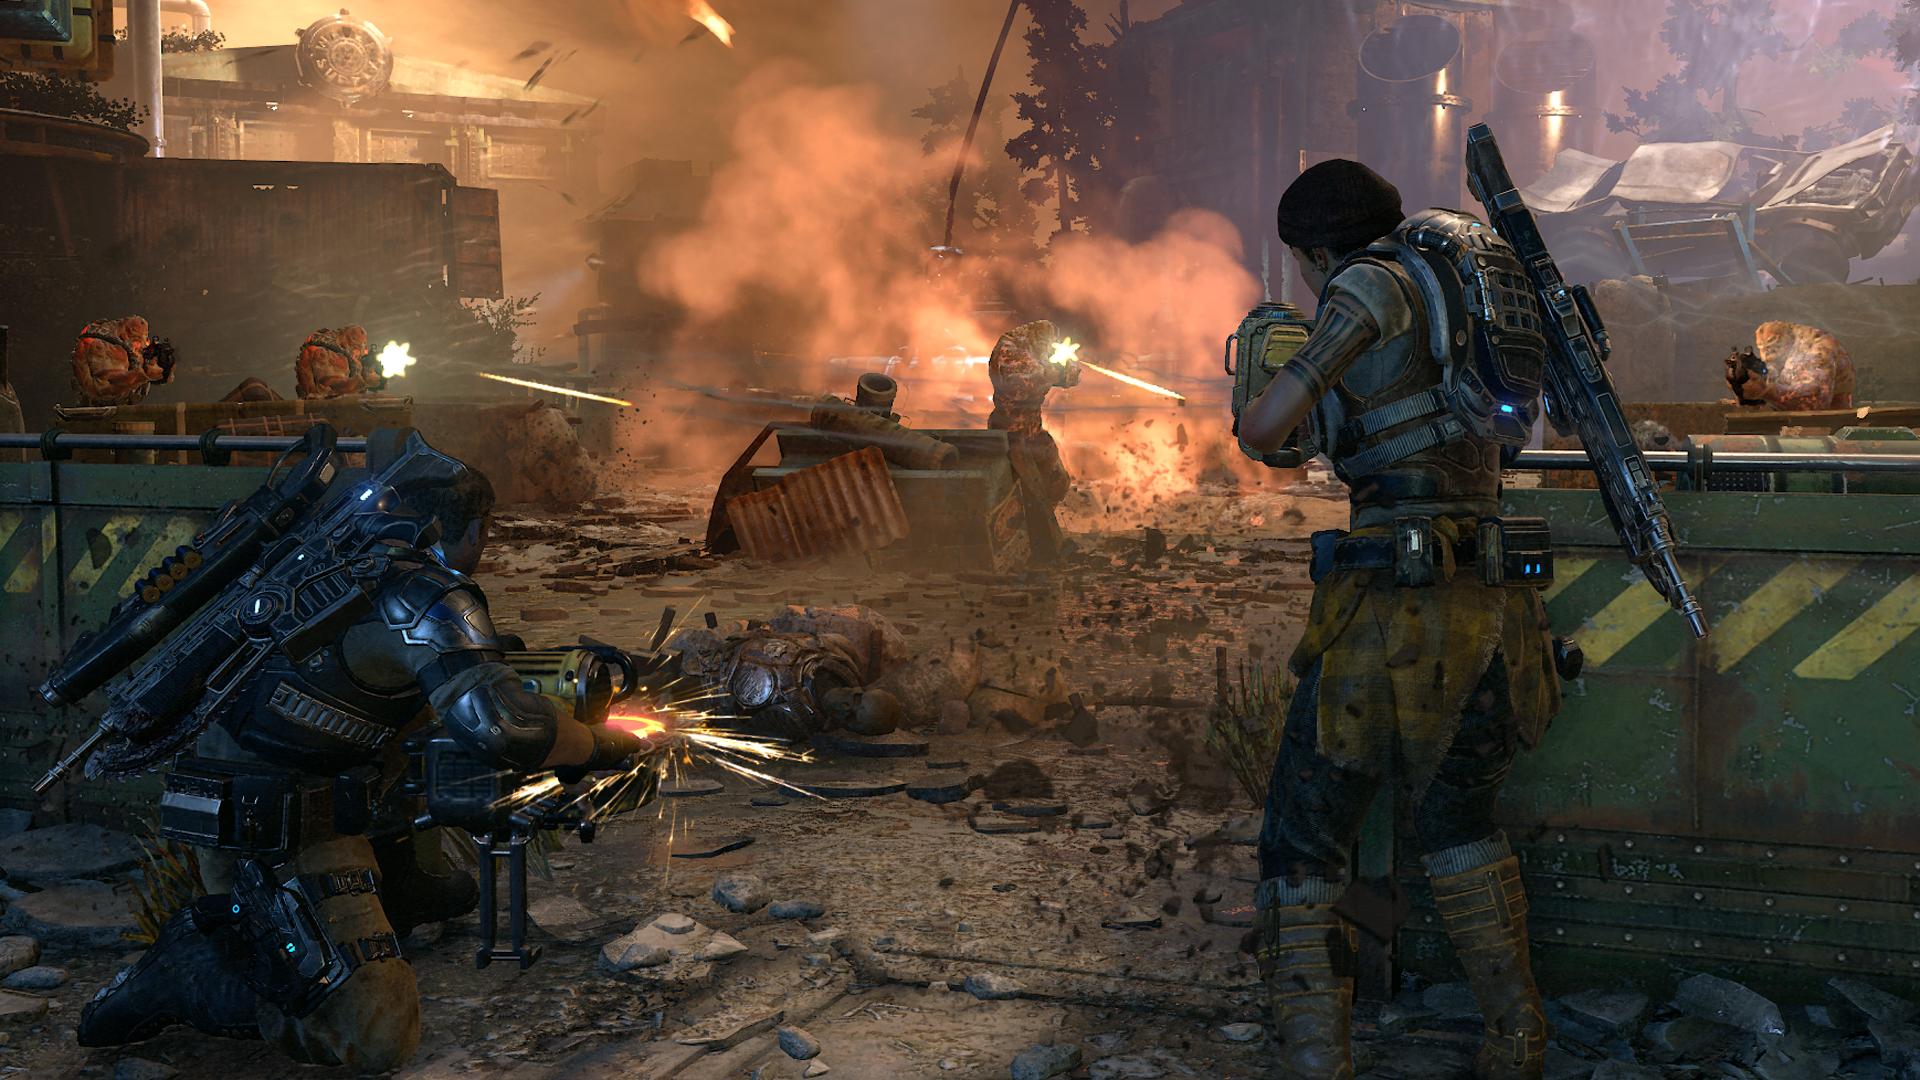 Campanha de Gears of War 4 terá tela dividida no PC e cross-play com X1 -  TecMundo